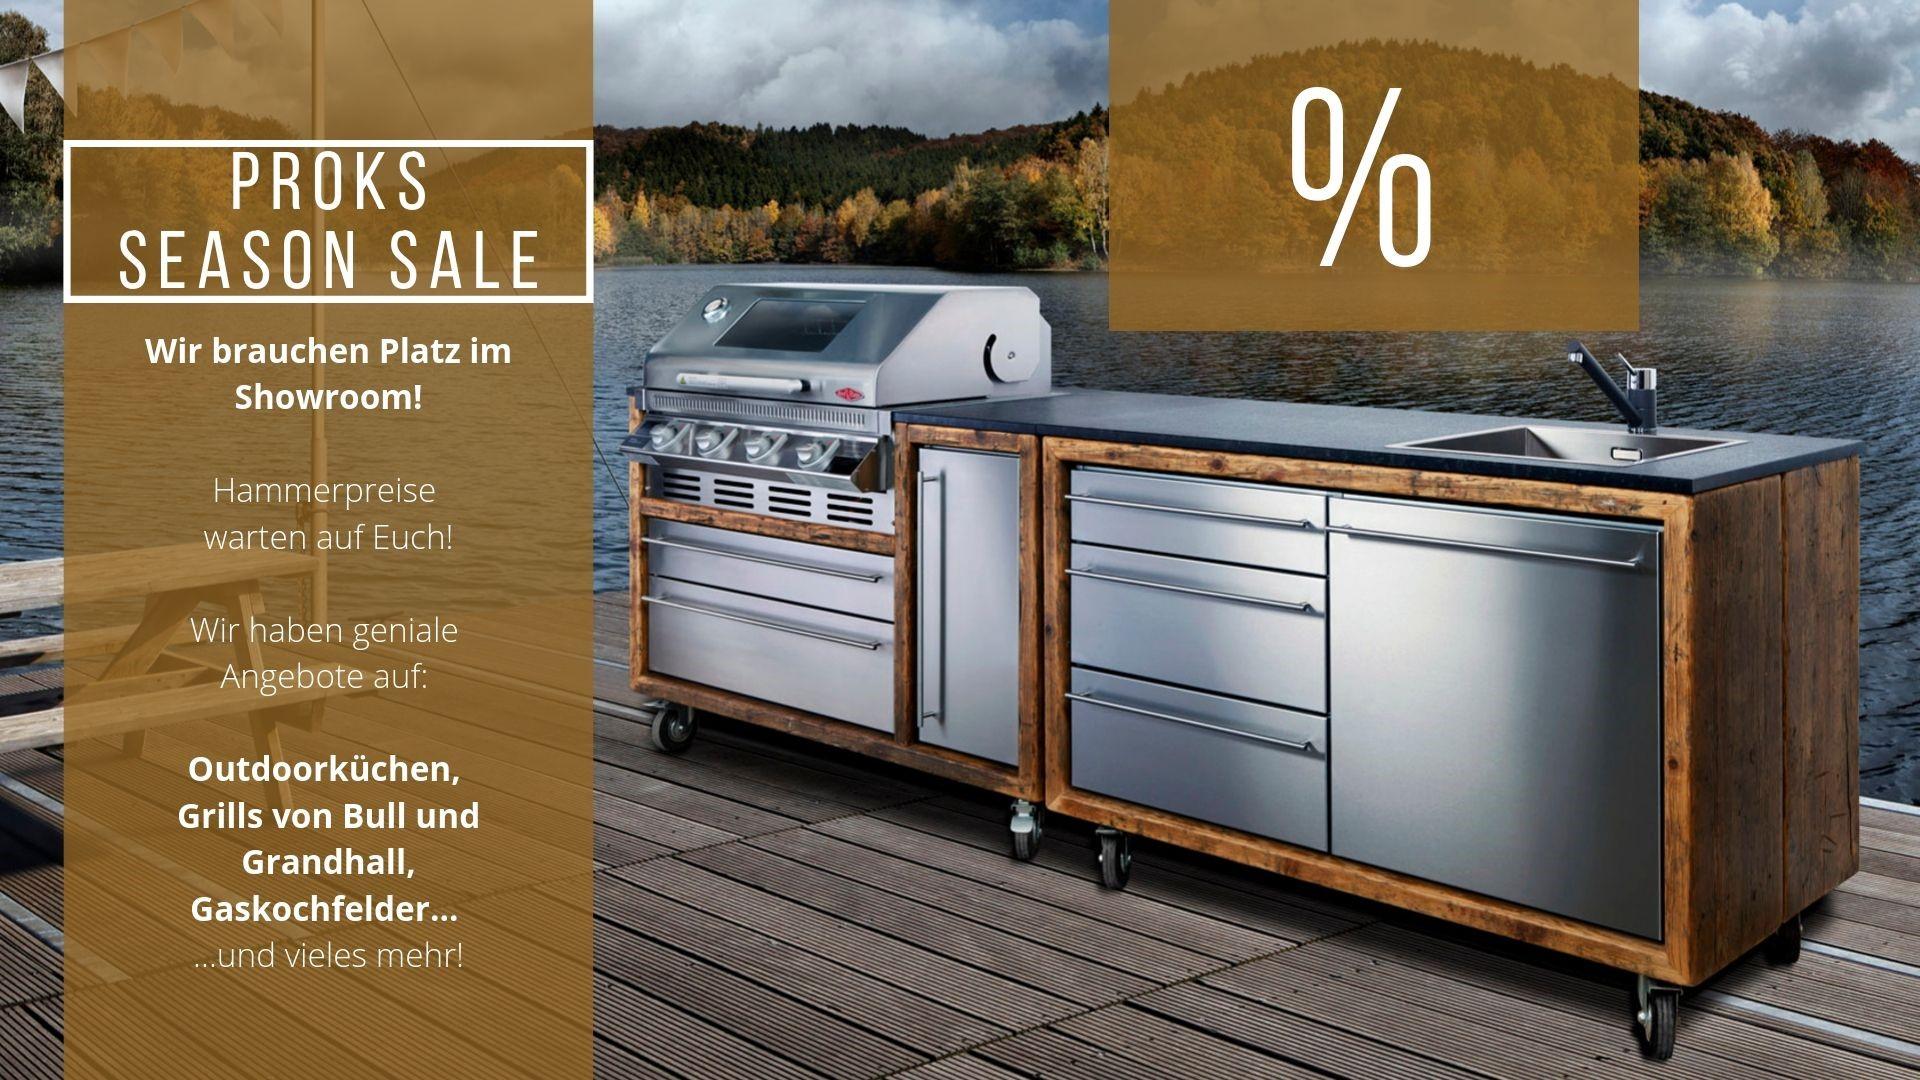 Full Size of Mobile Outdoorküche Sales Outdoorkchen Ausstellungsstcke Im Angebot Proks Küche Wohnzimmer Mobile Outdoorküche